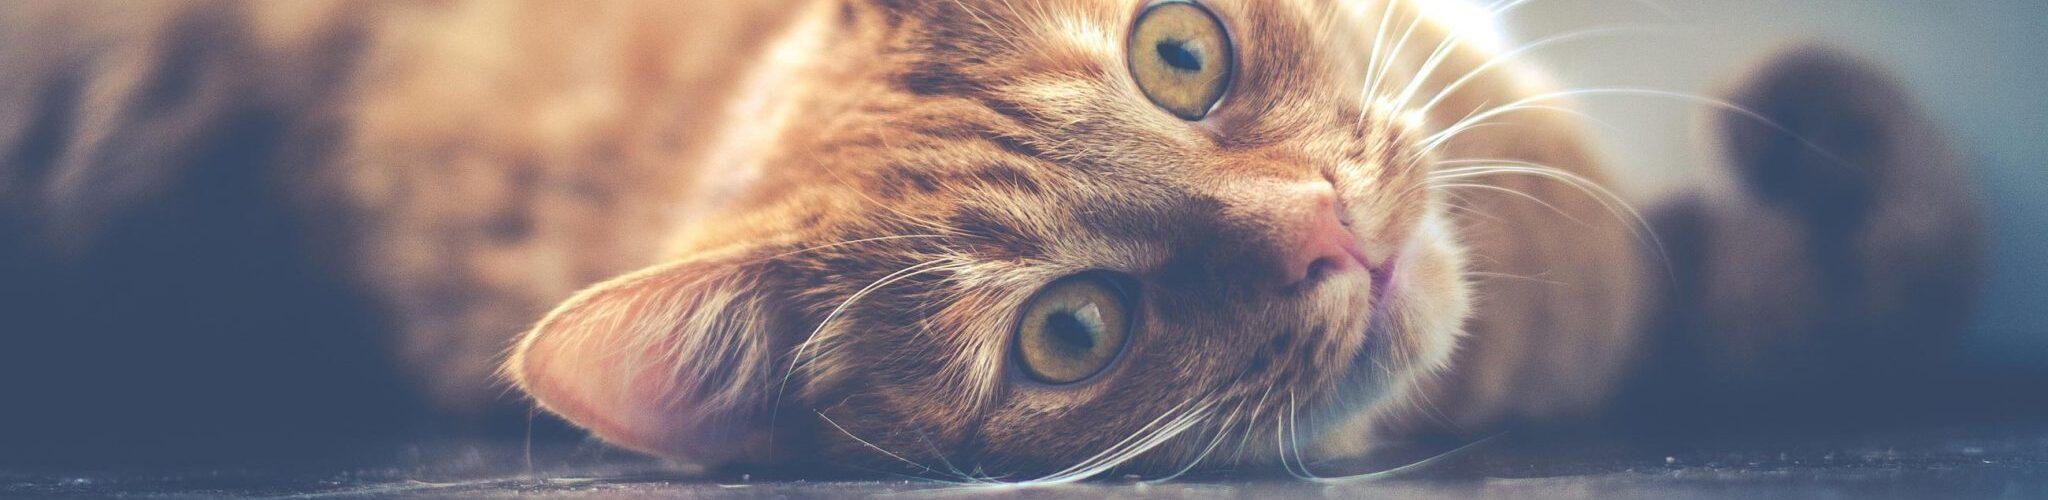 Gezelschapsdieren kat